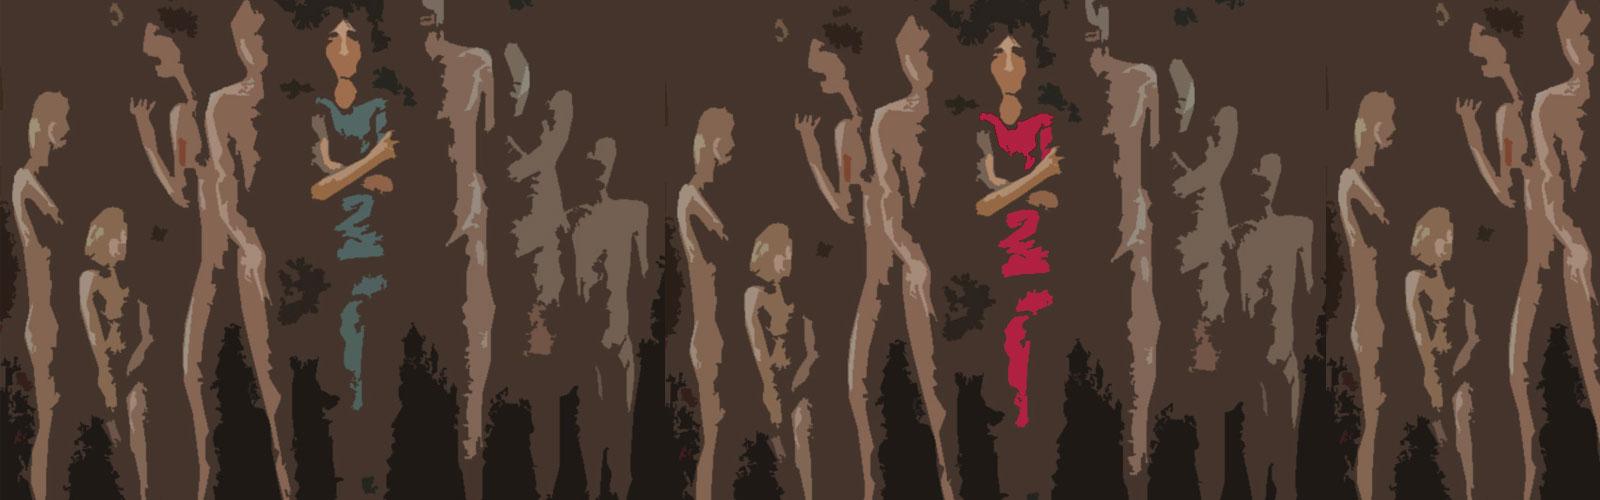 Associazione Chirone San Miniato- Il romanzo di Clara-la-scissione-condizione-per-sopravvivere